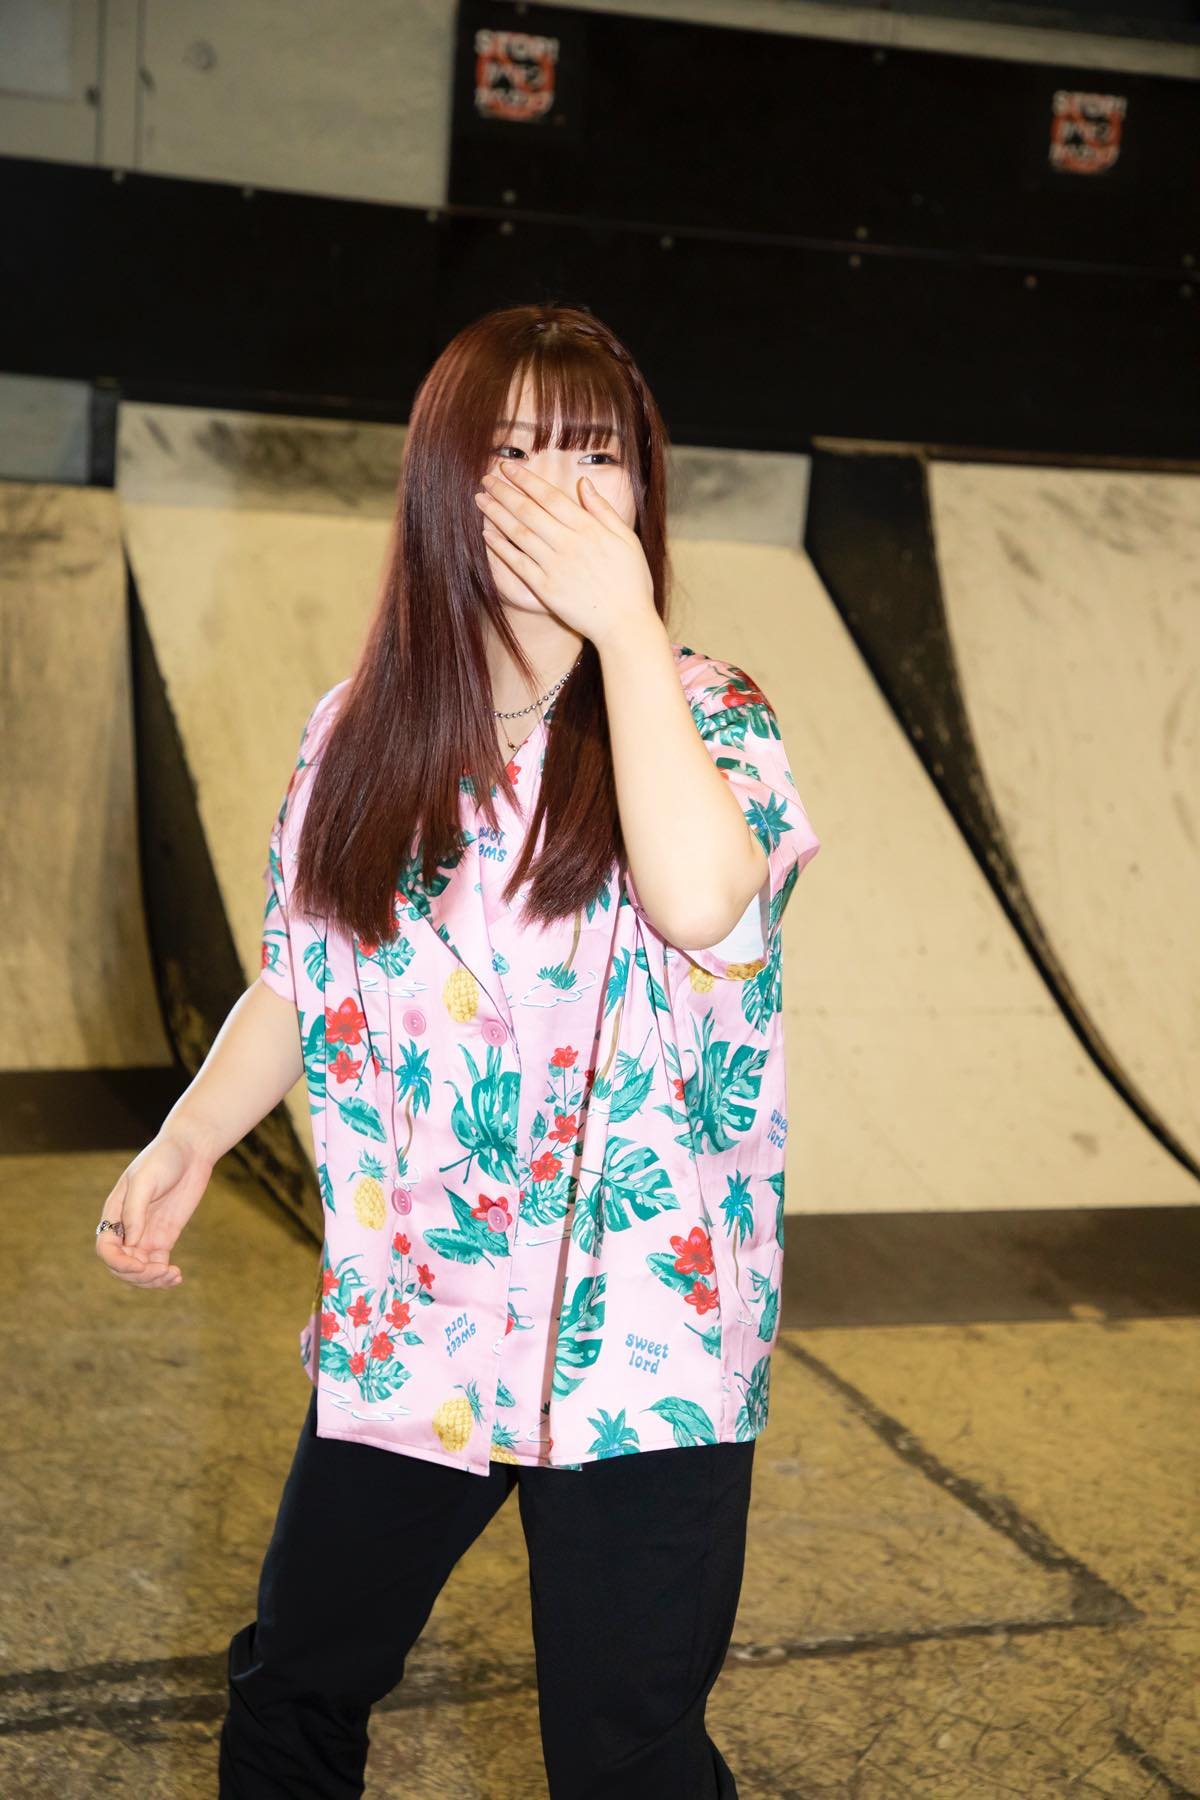 米田みいな「初めてのインラインスケートでなぜかにゃんこスターのモノマネ!?」【写真37枚】【連載】ラストアイドルのすっぴん!vol.21の画像014